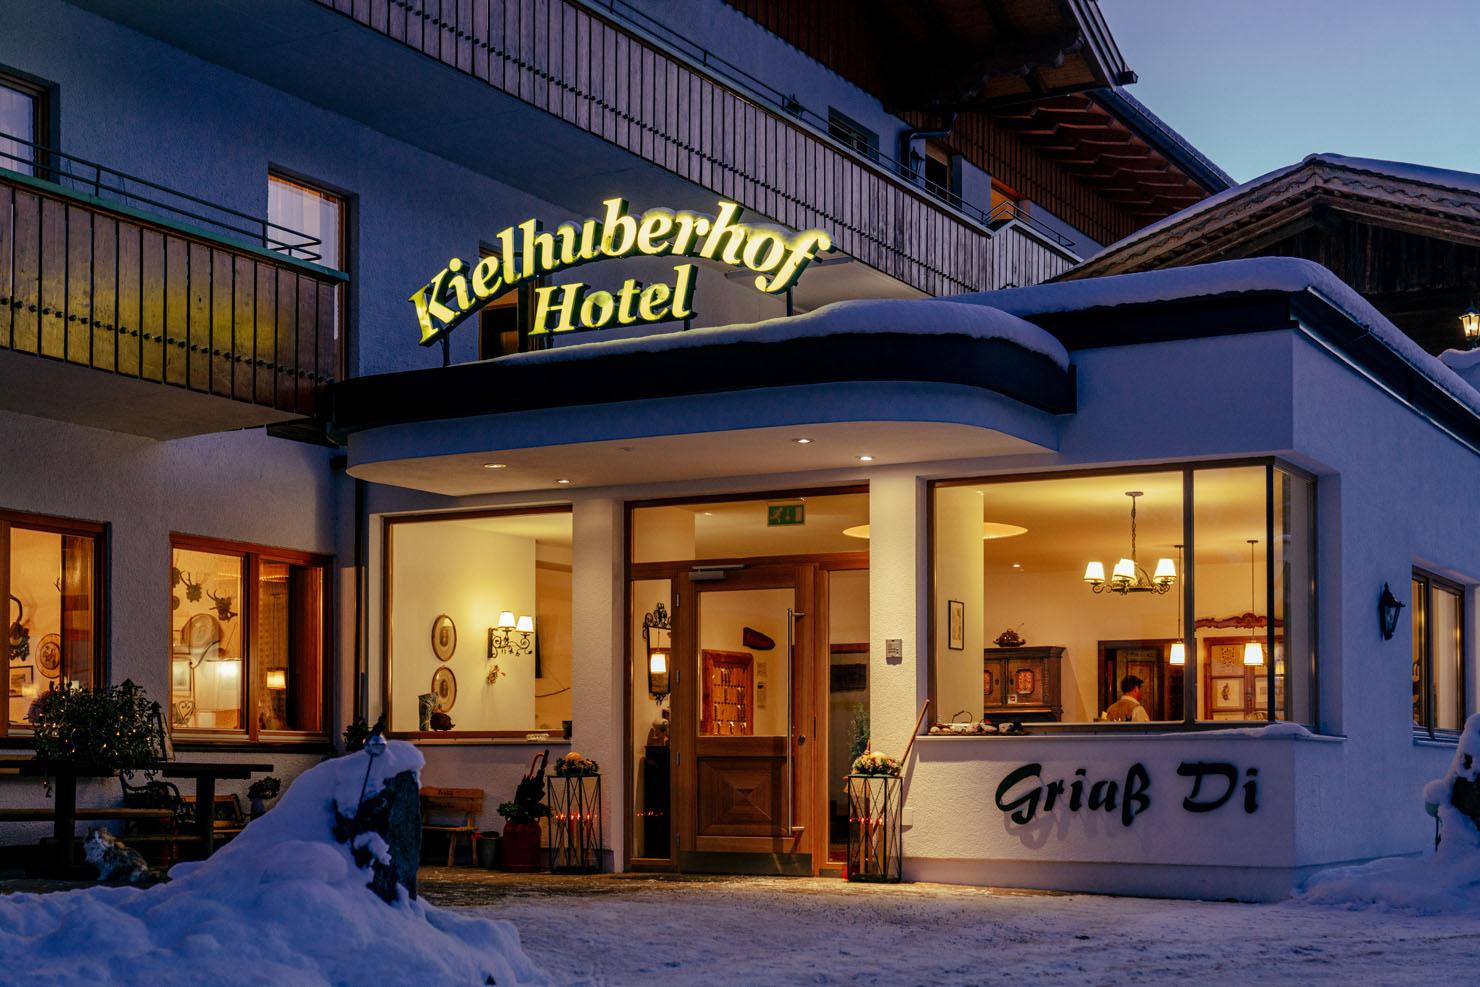 Hotel Kielhuberhof #4